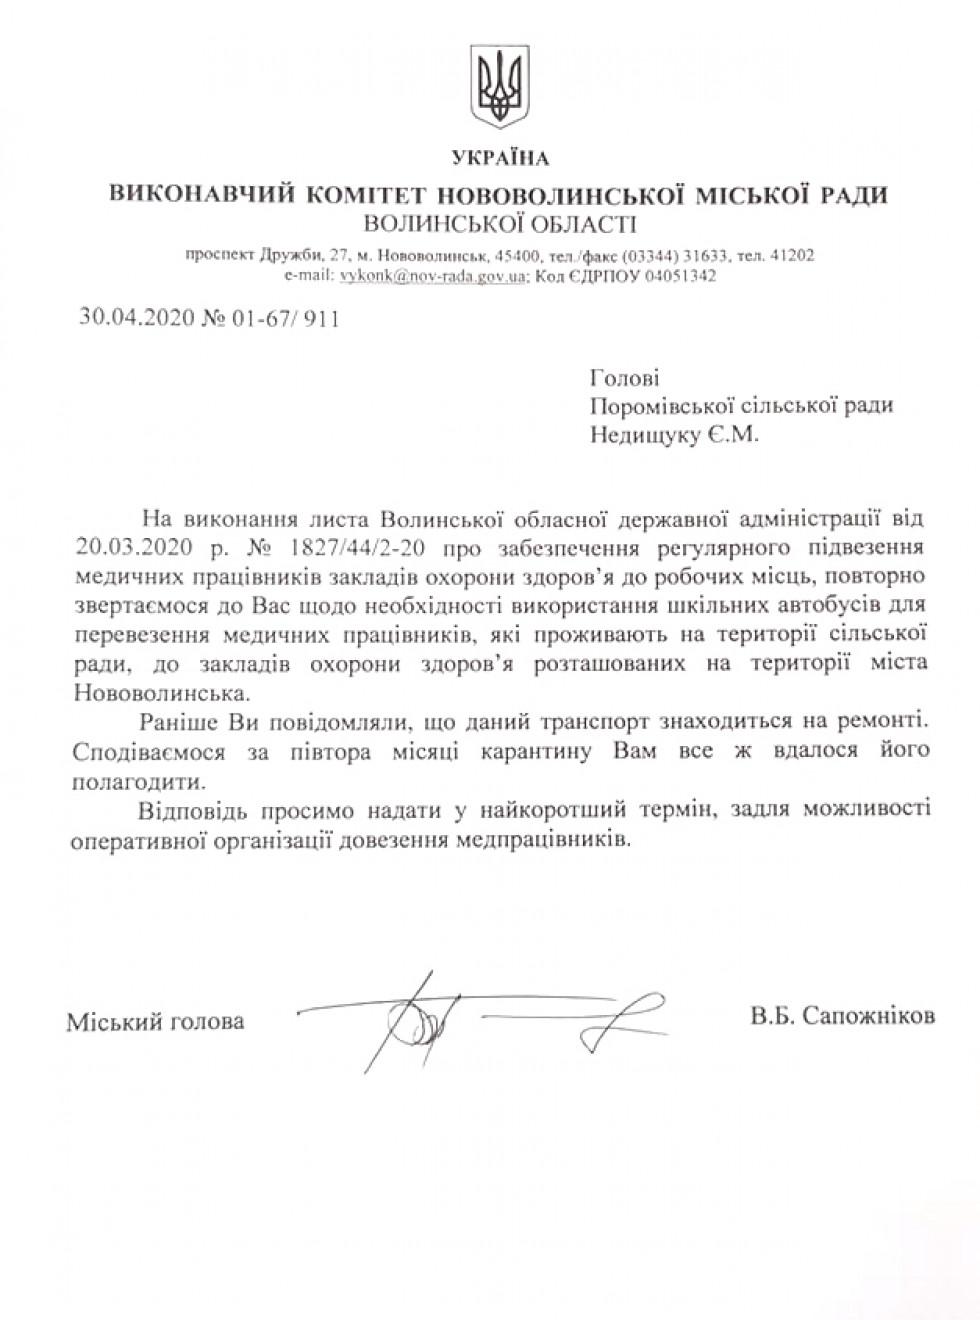 Звернення Віктора Сапожнікова до Євгенія Недищука